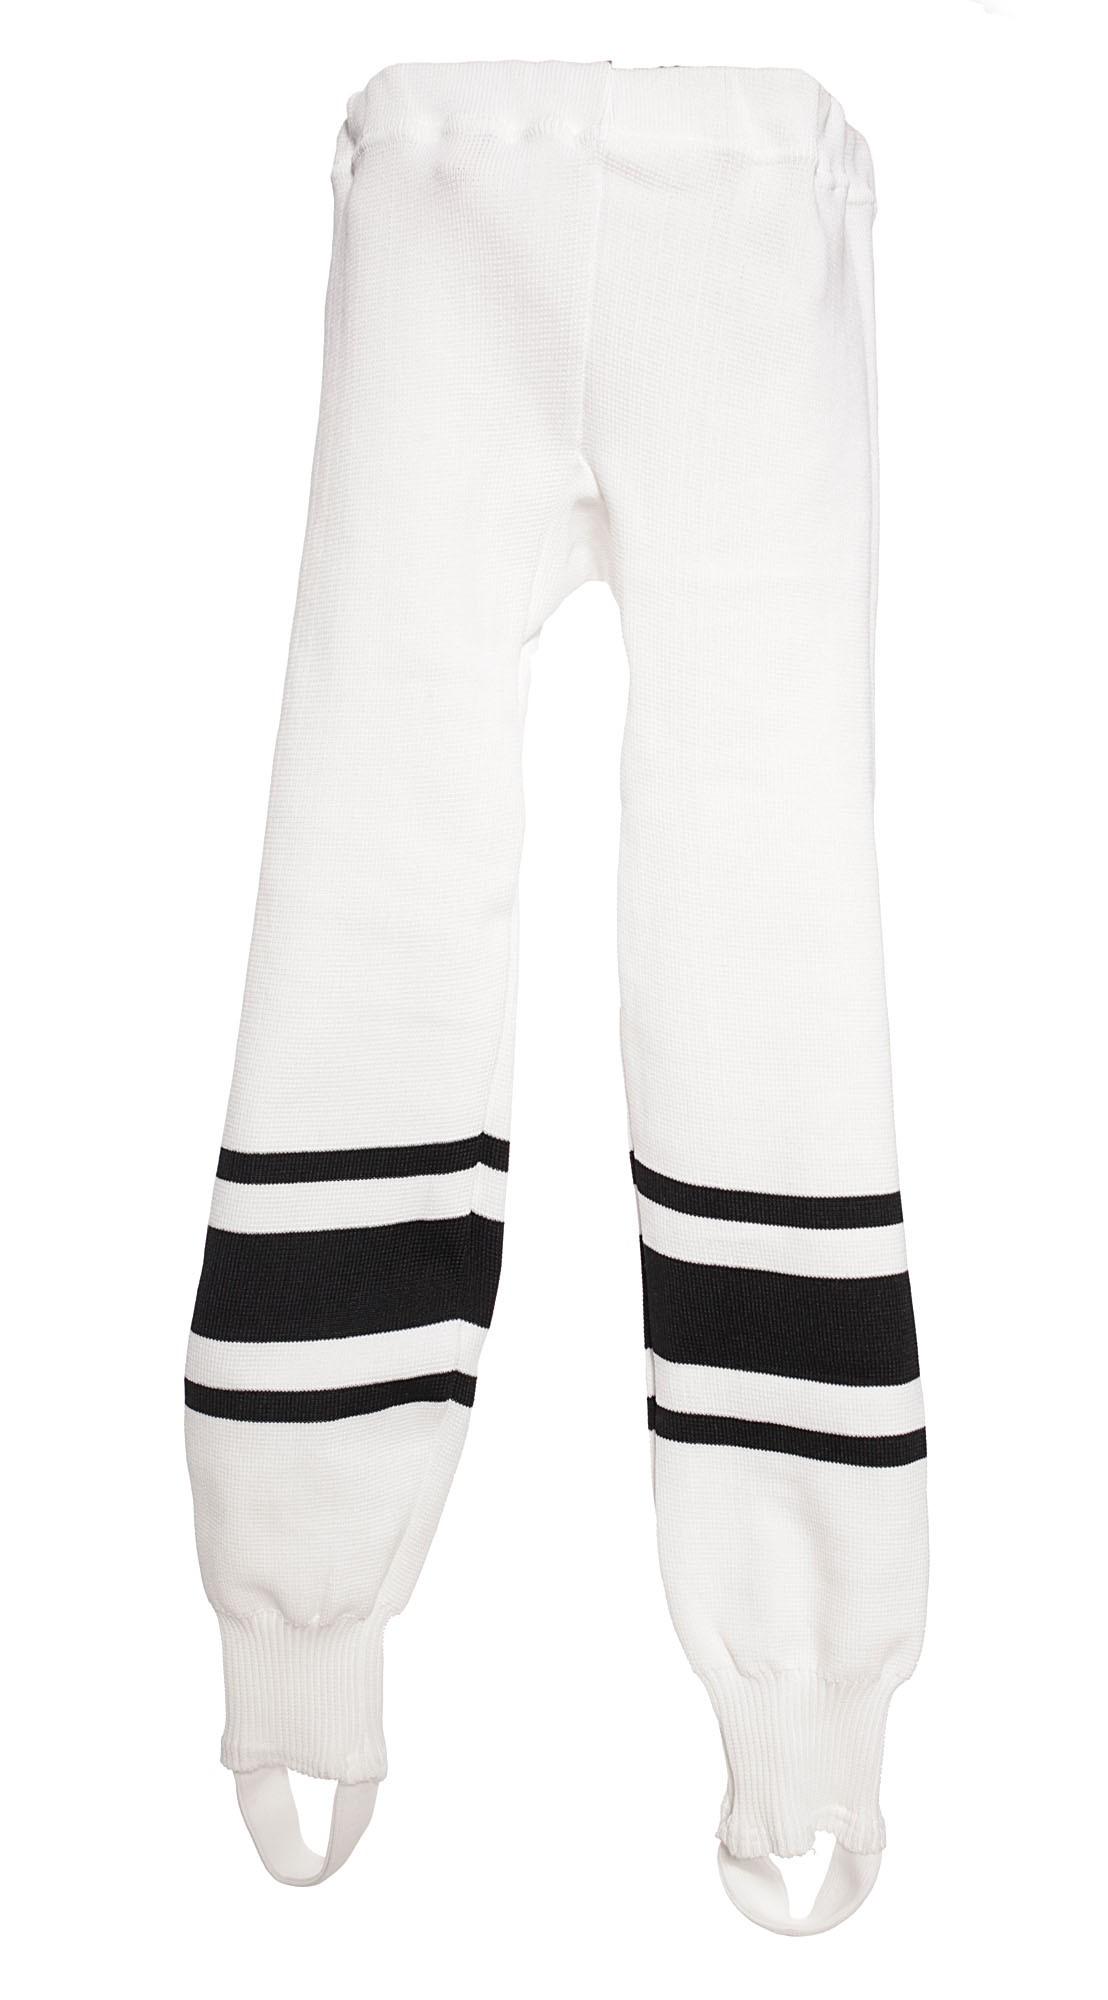 HOKEJAM.LV Knit Junioru Hokeja Reitūzes#002